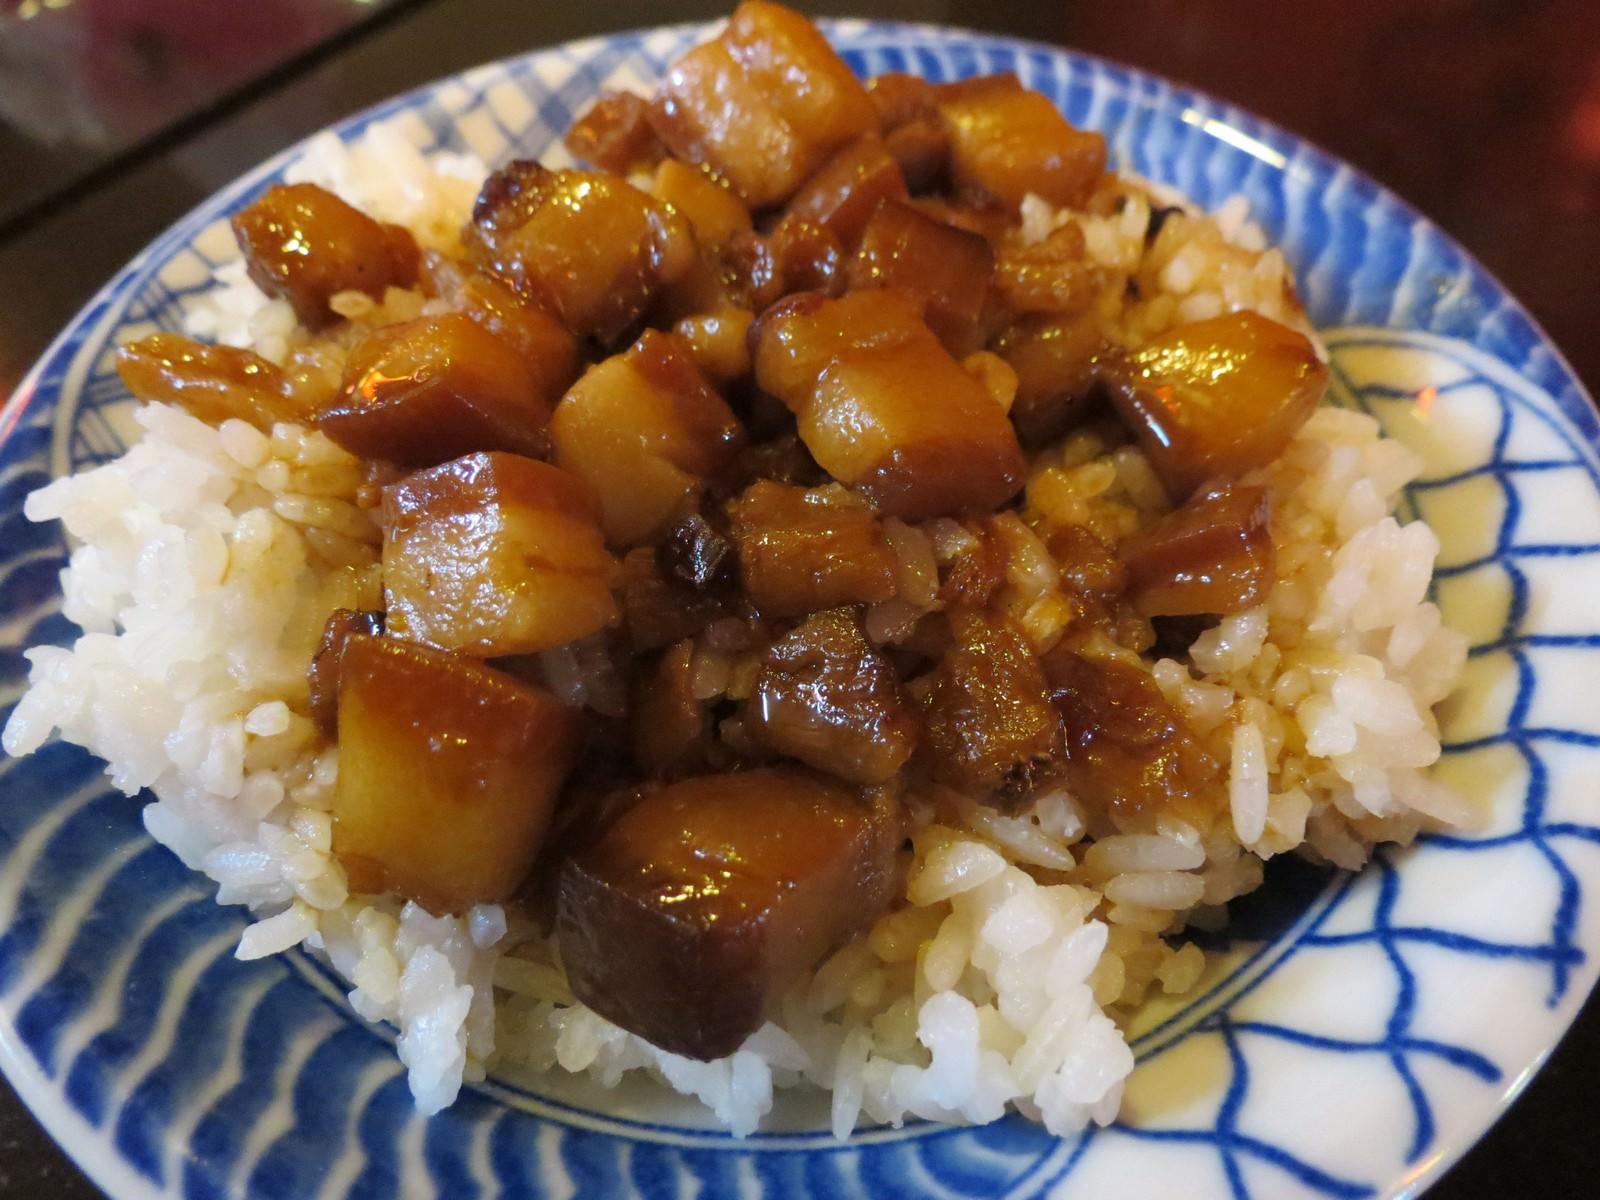 阿基師紅麴排骨酥麵, 餐點